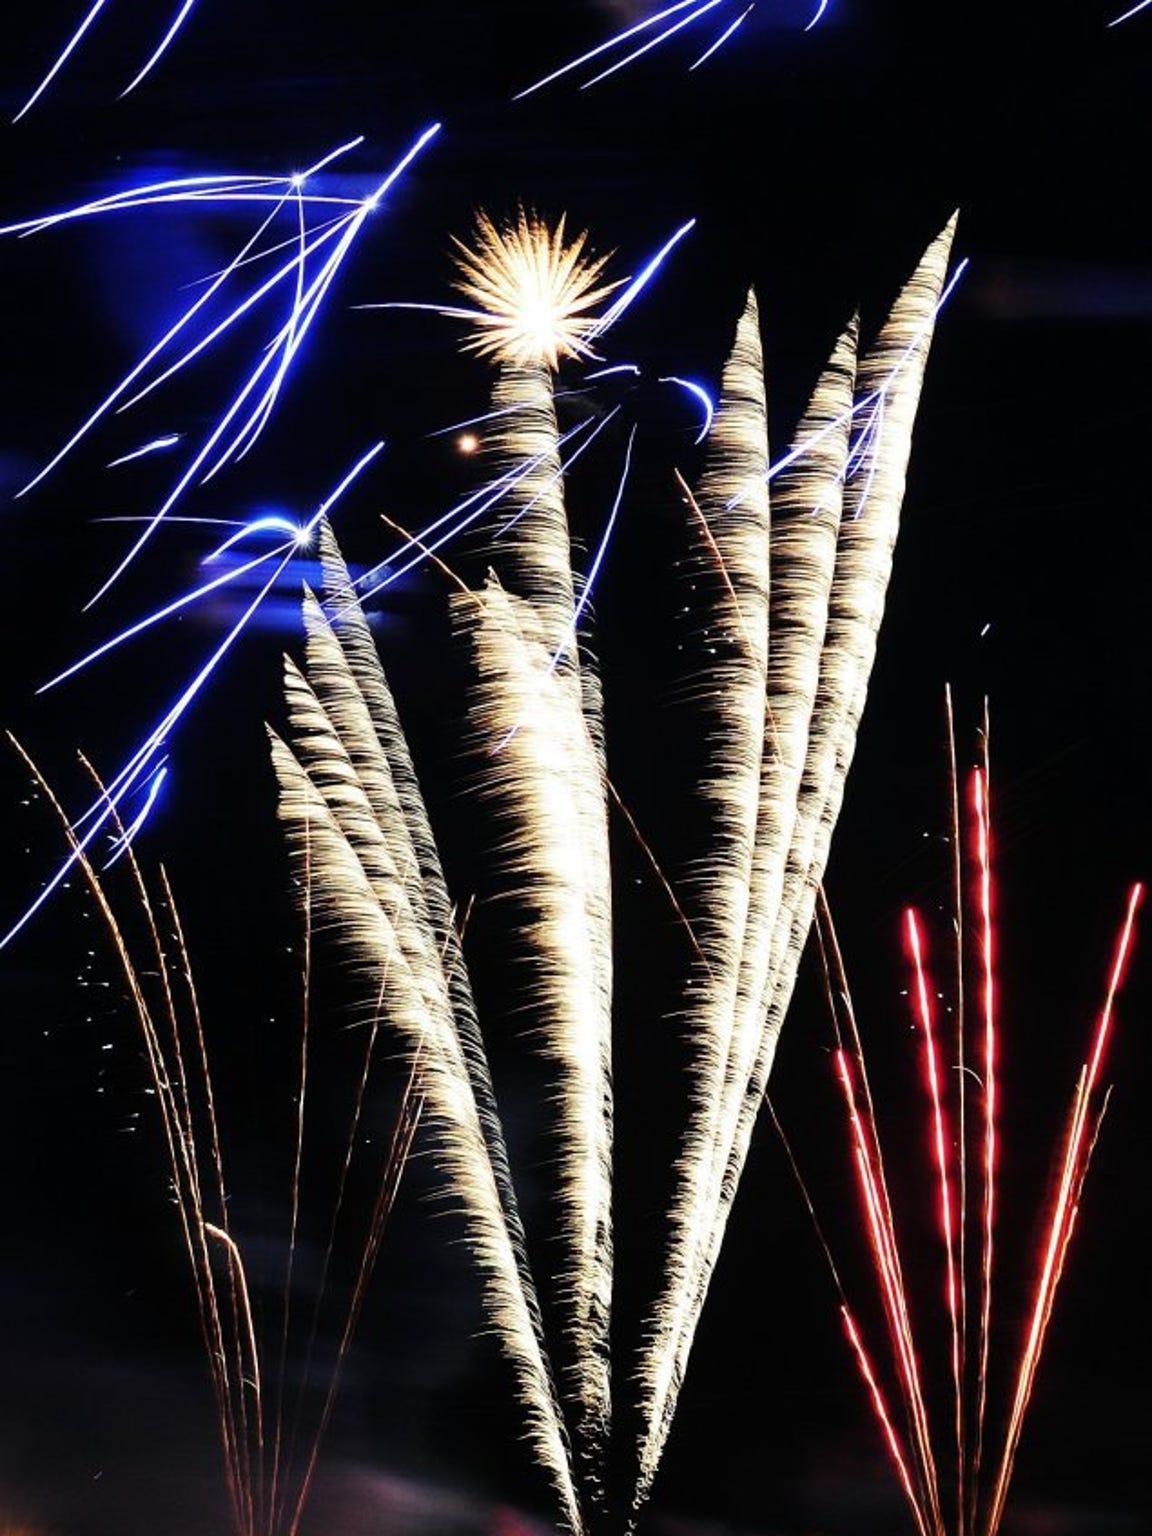 Fireworks light up the sky above Nelson Park on July